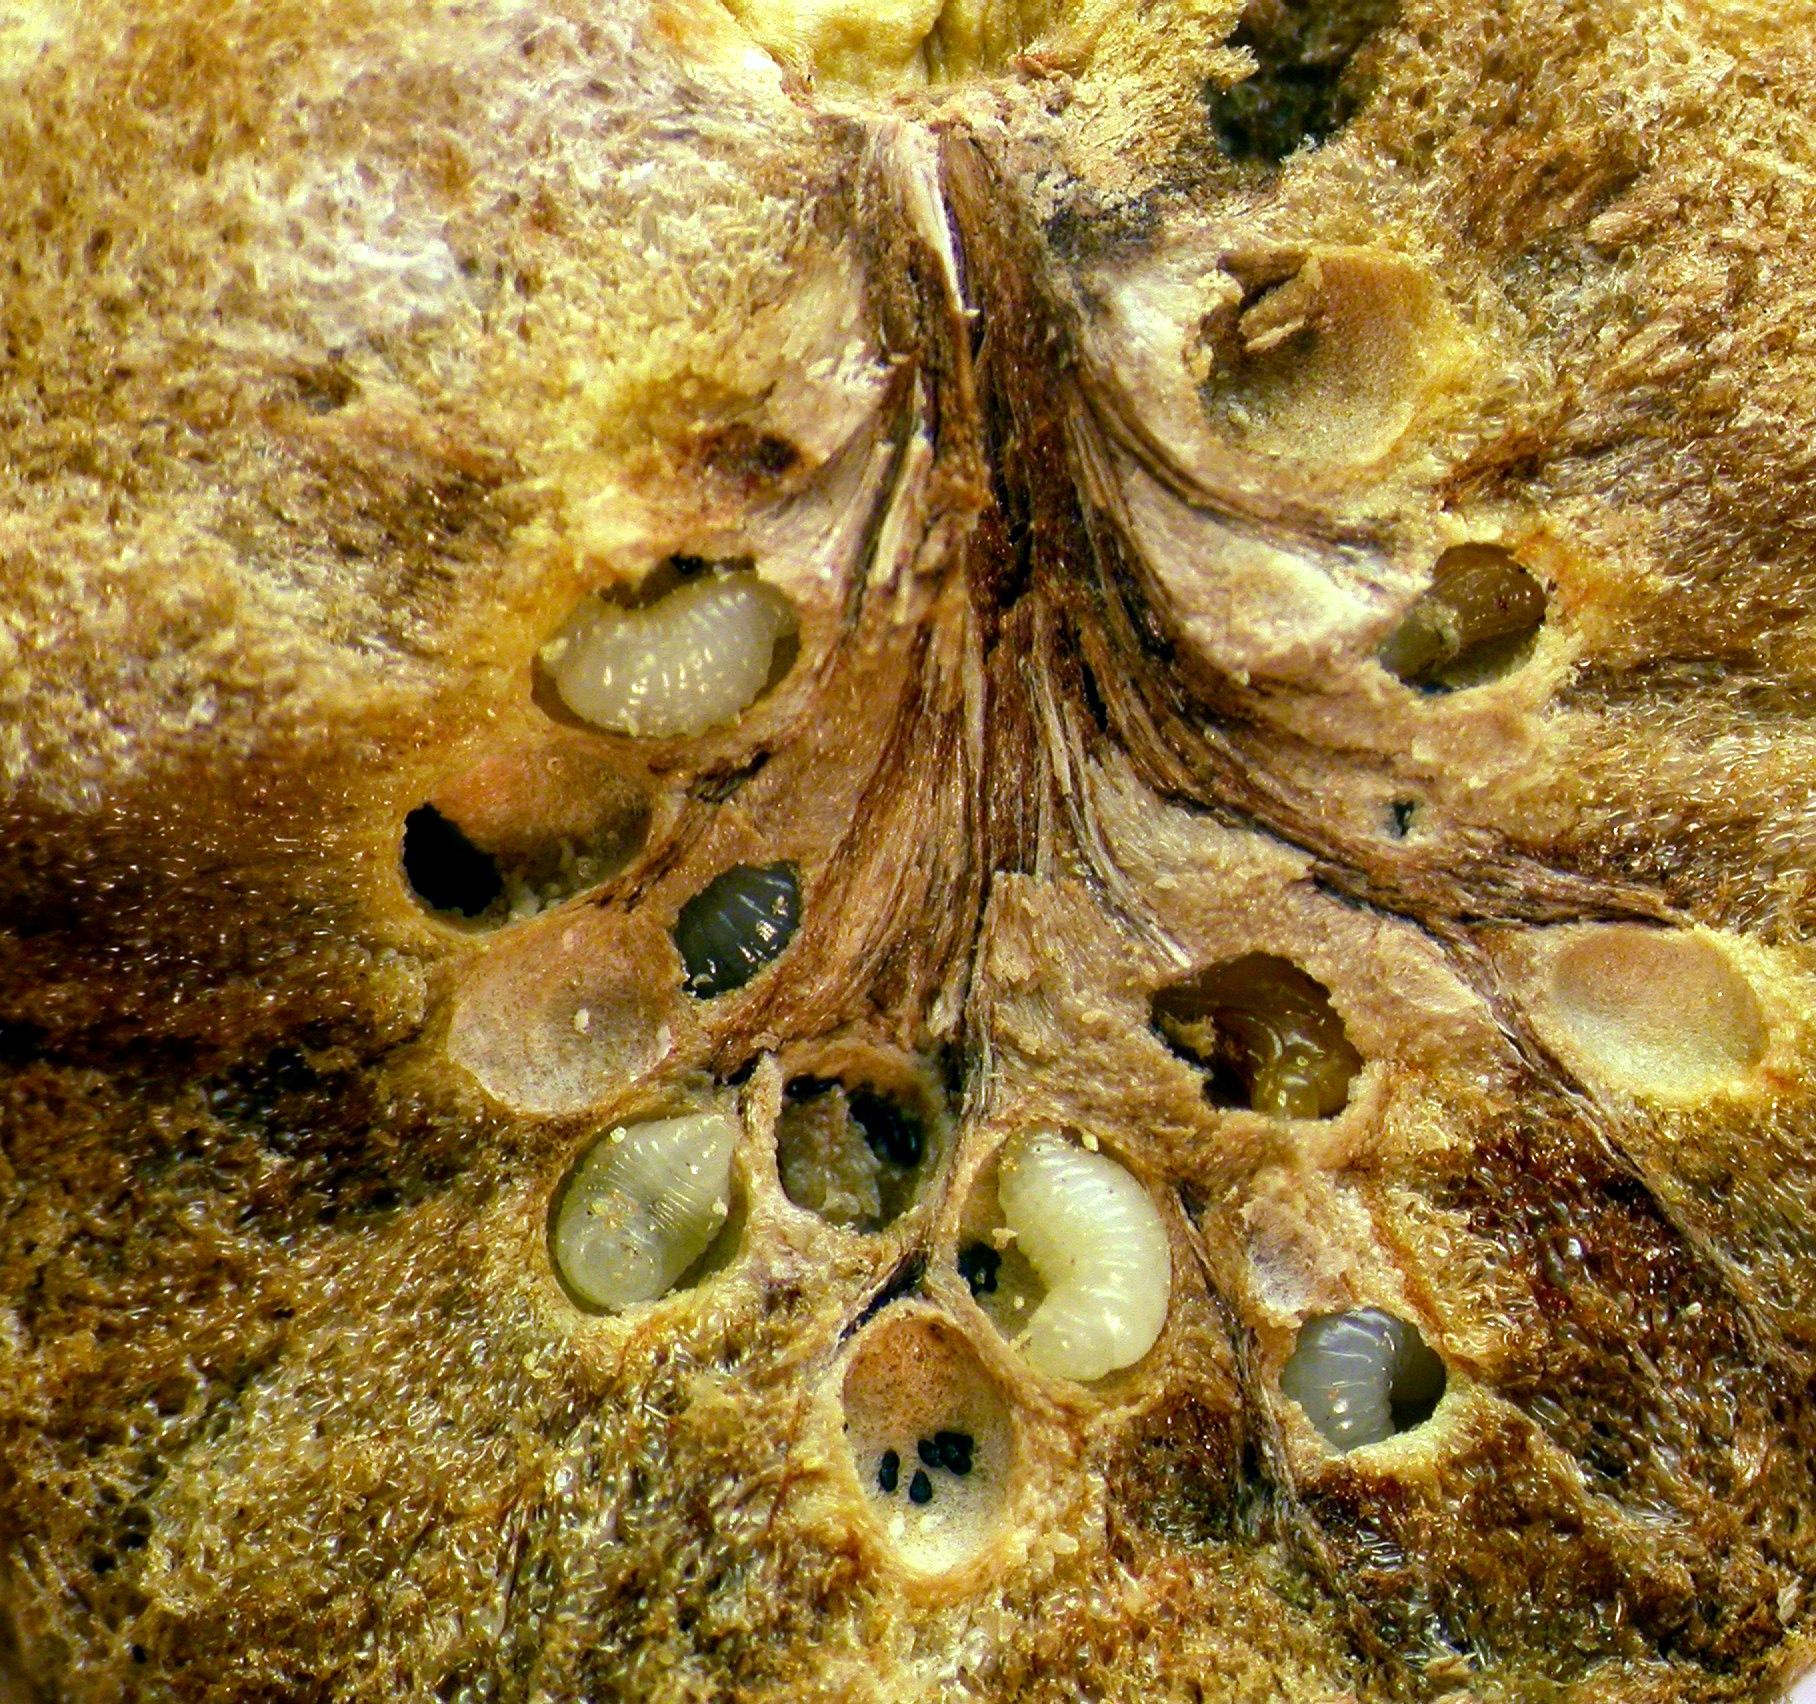 Sección de una agalla mostrando las larvas de 'B. pallida'. Imagen: MNCN-CSIC